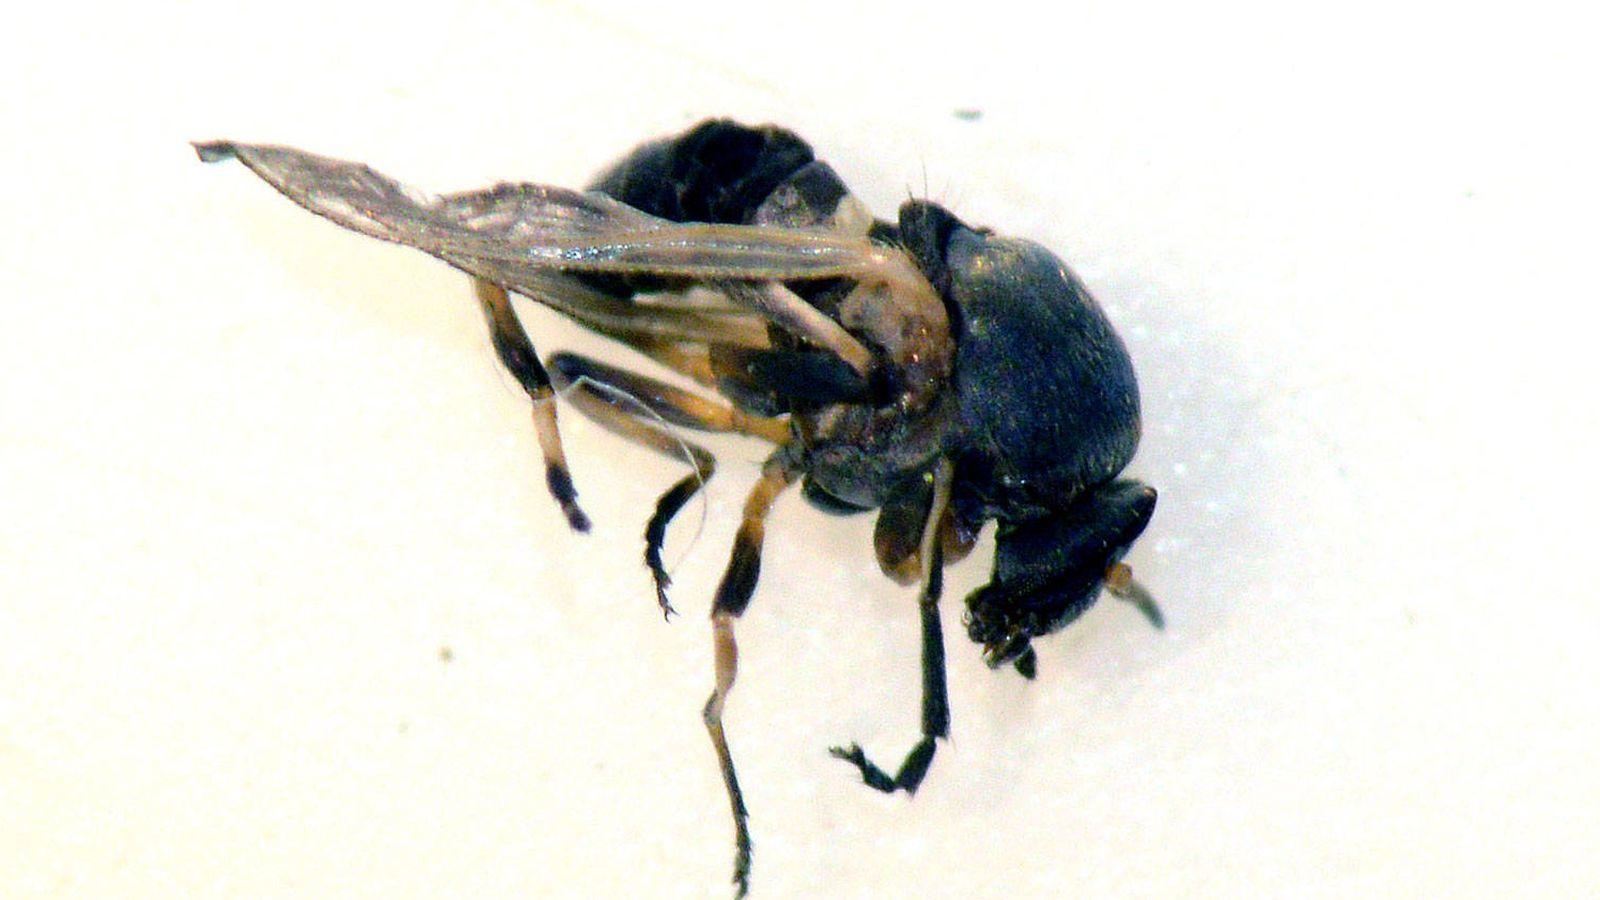 Foto: Una mosca negra.